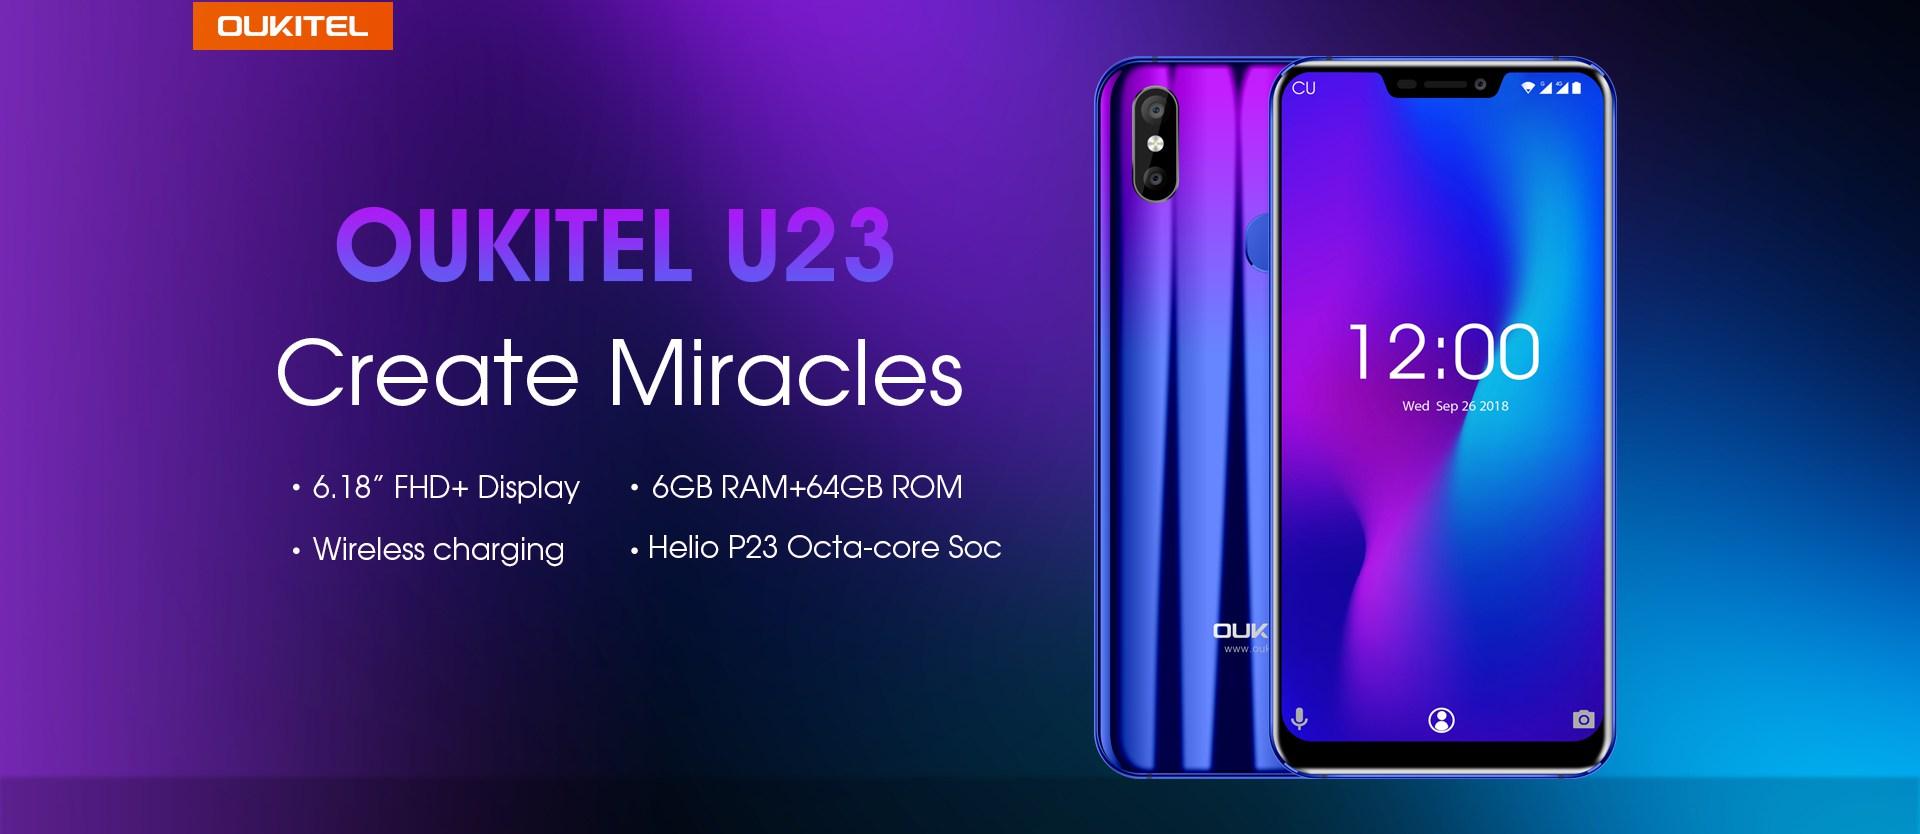 Oukitel U23 : un smartphone de plus de 6 pouces sous Android 8.1 Oreo